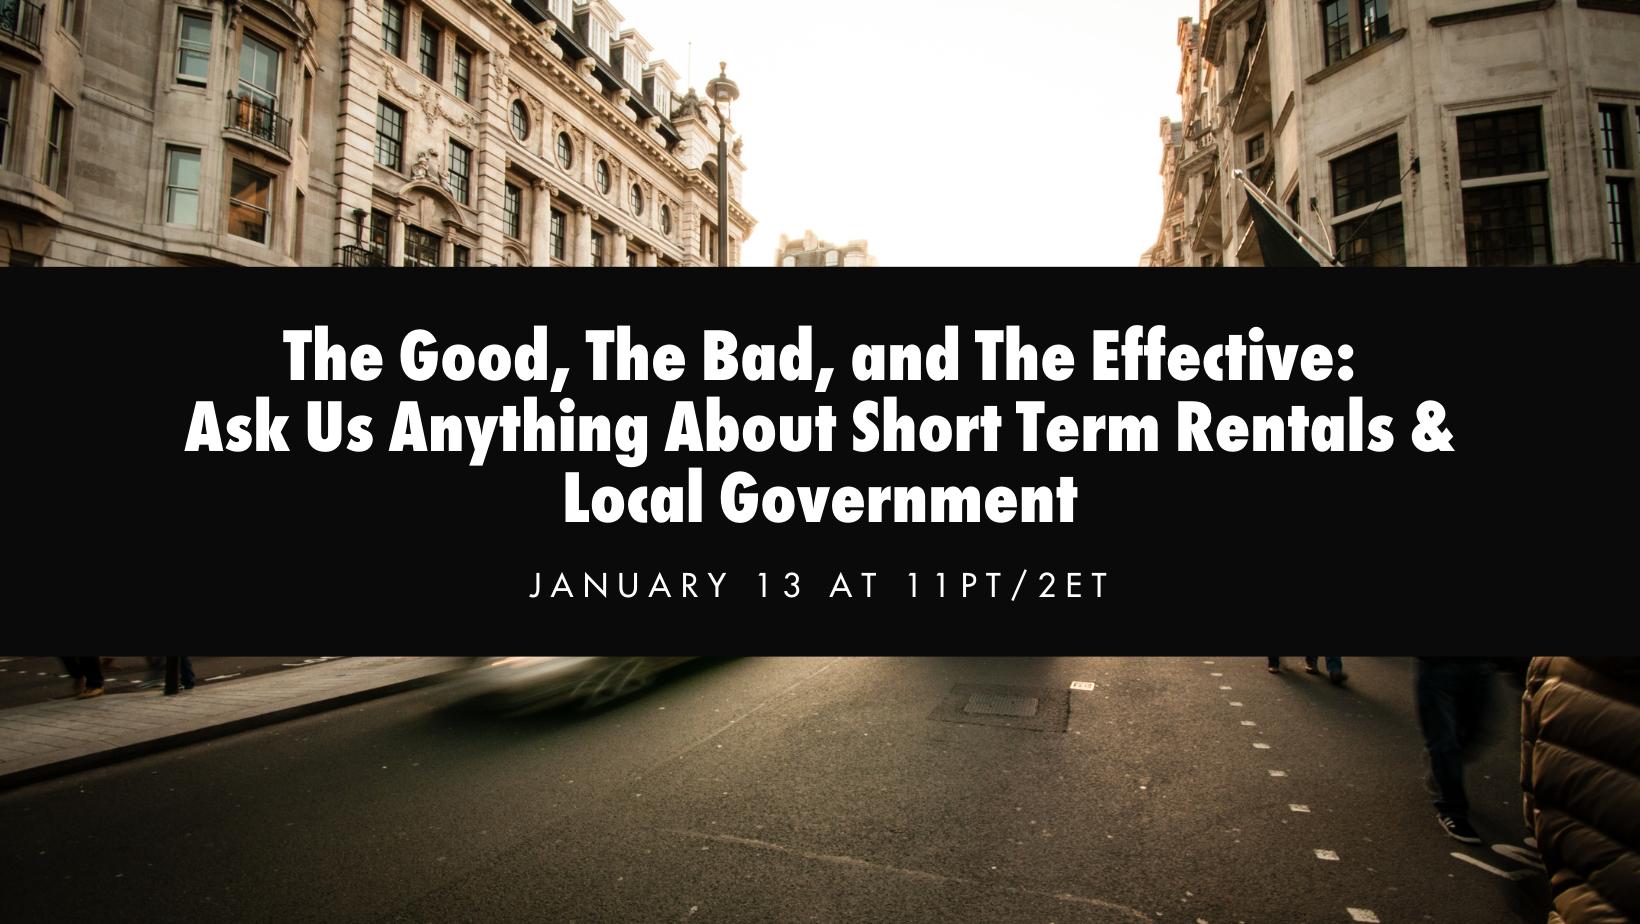 short term rentals AMA